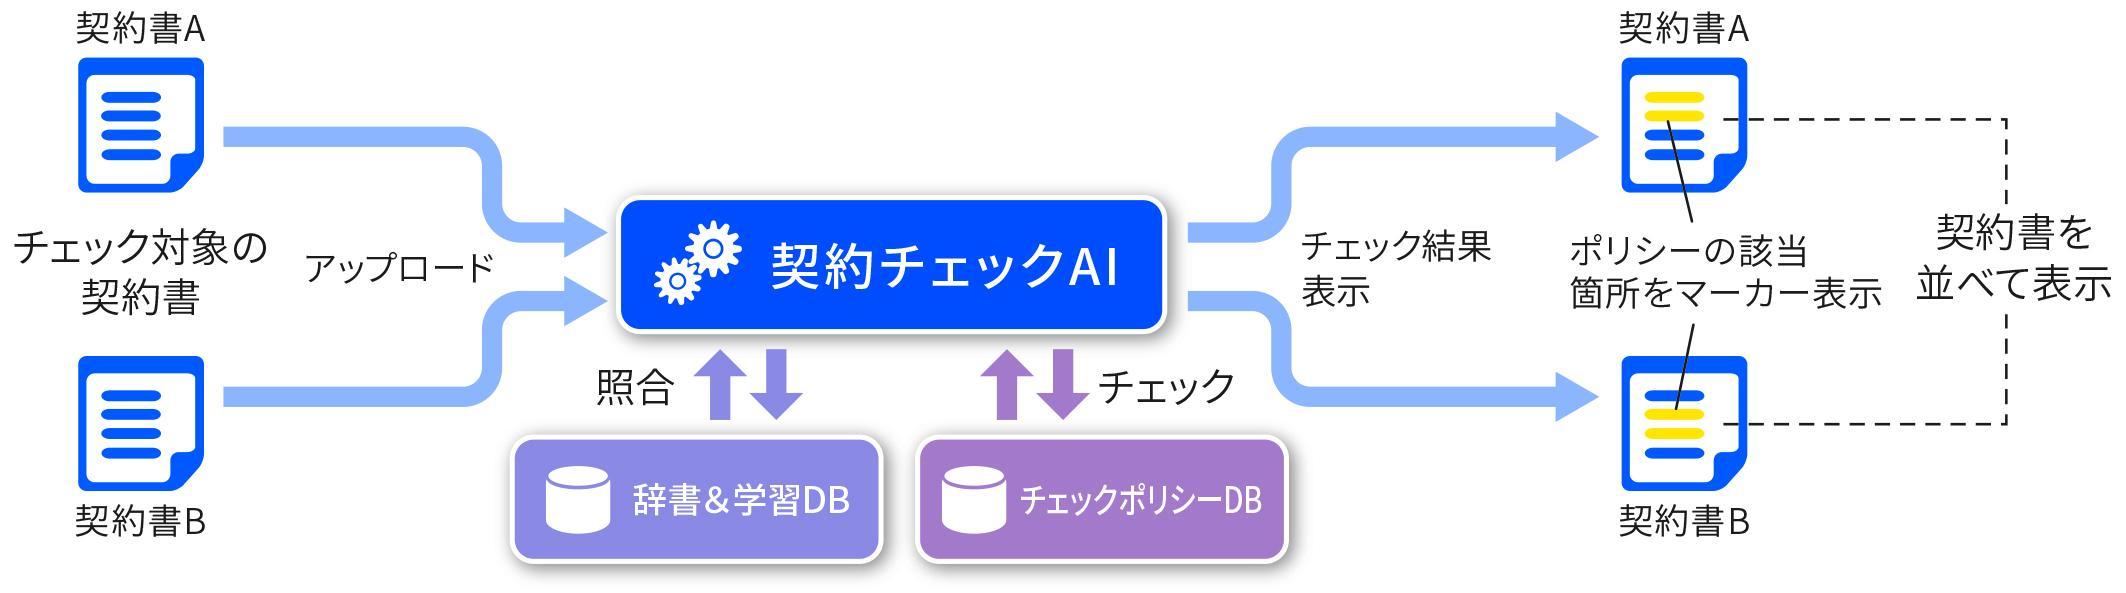 インテリジェント契約_構成図_002-2.jpg